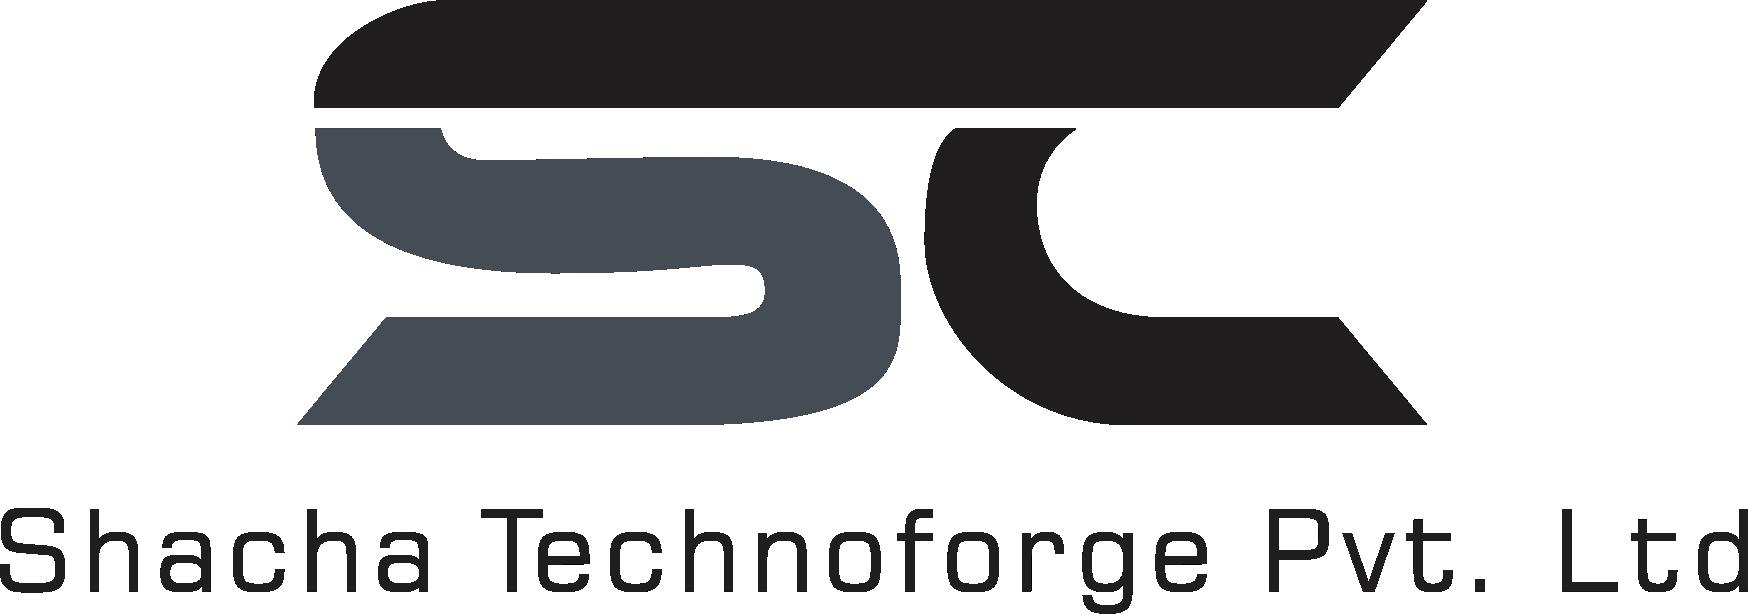 SHACHA TECHNOFORGE PVT. LTD.